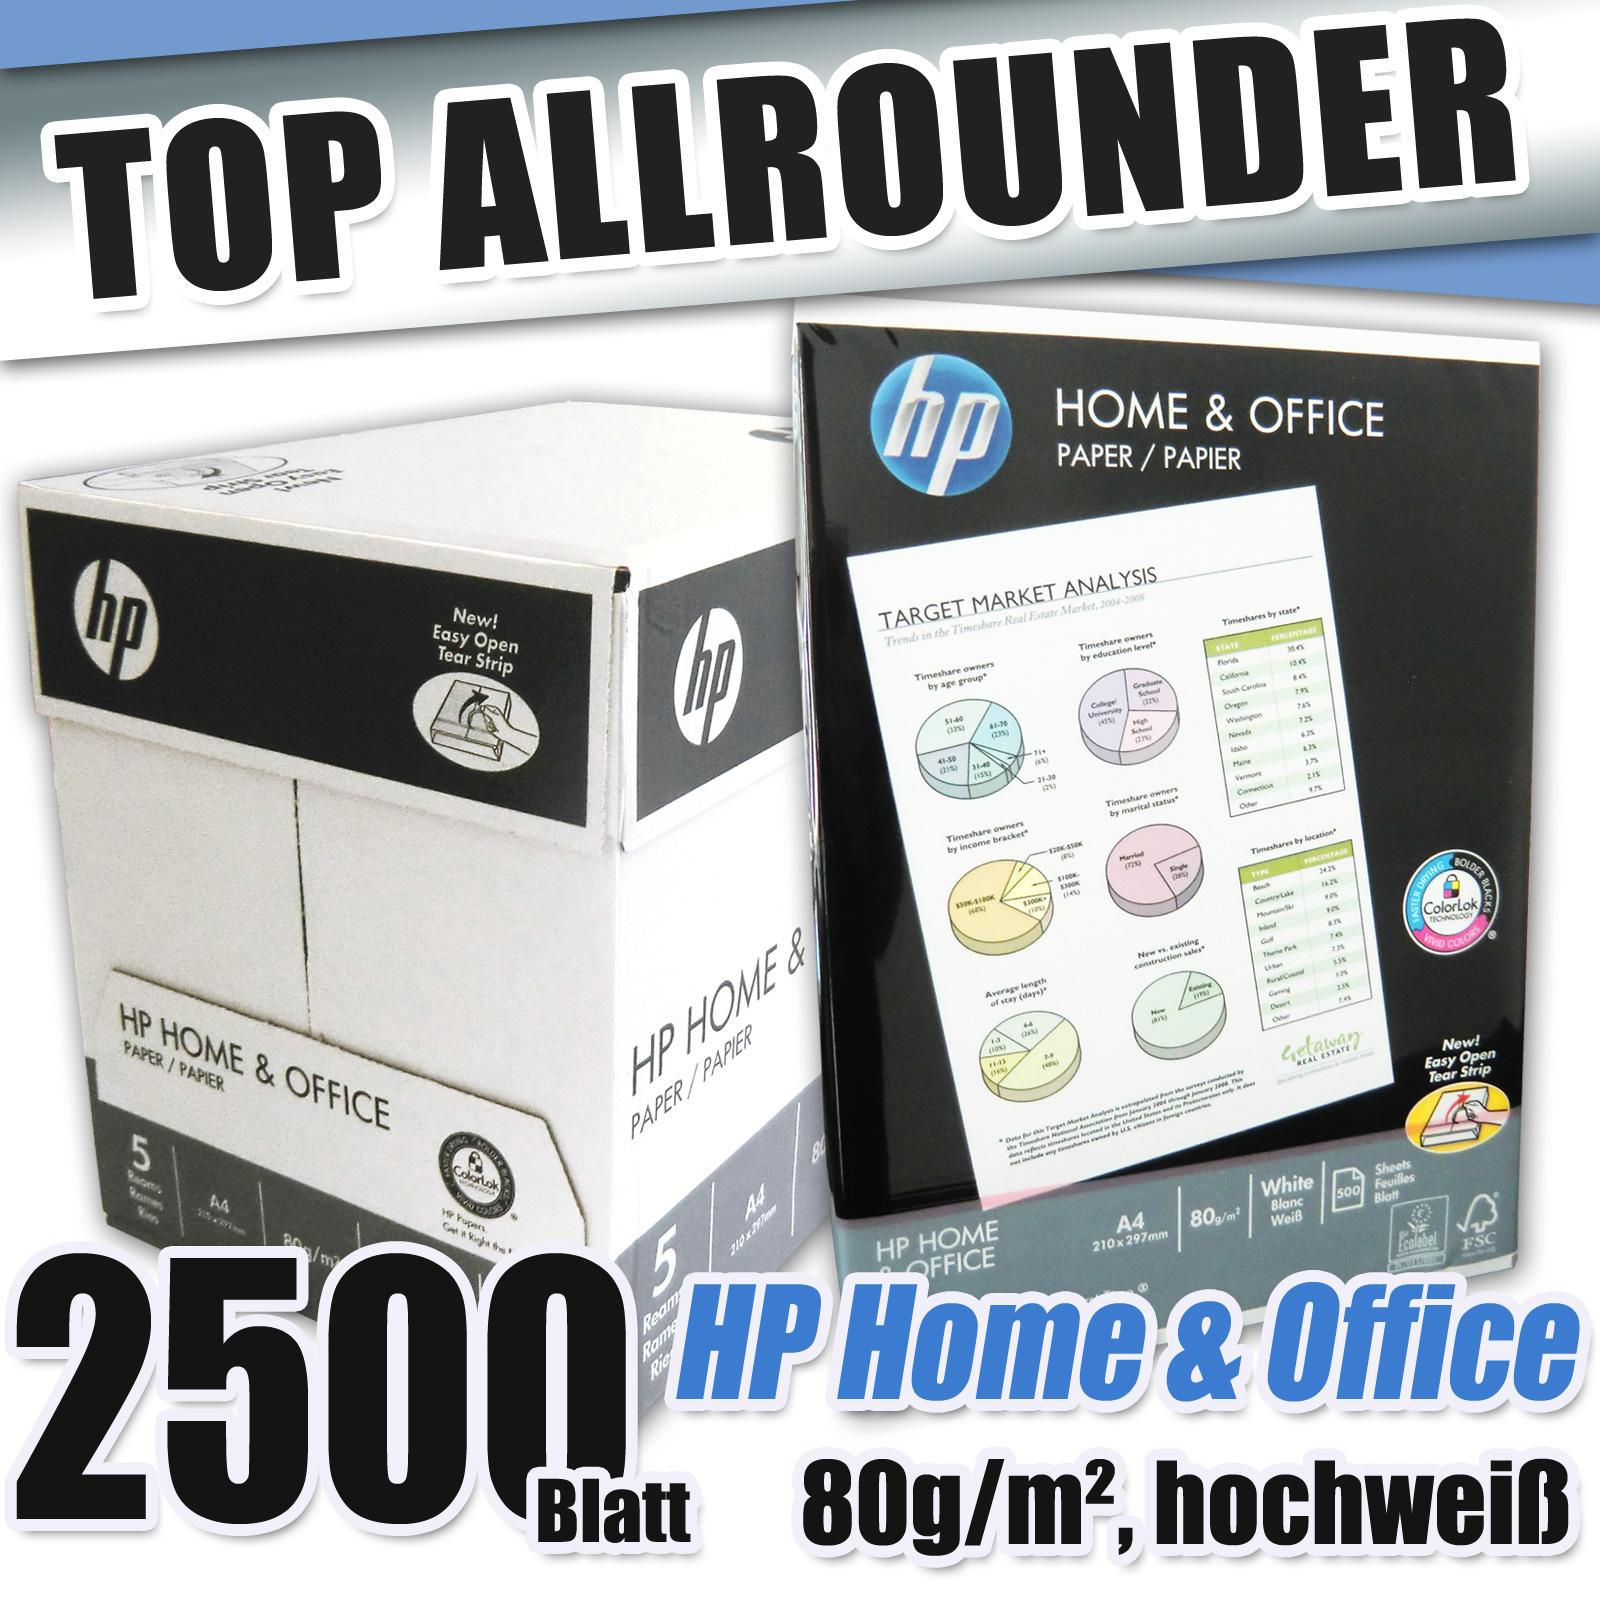 2500 blatt marke hp home office weiss 80 kopierpapier a4 druckerpapier fax toner ebay. Black Bedroom Furniture Sets. Home Design Ideas